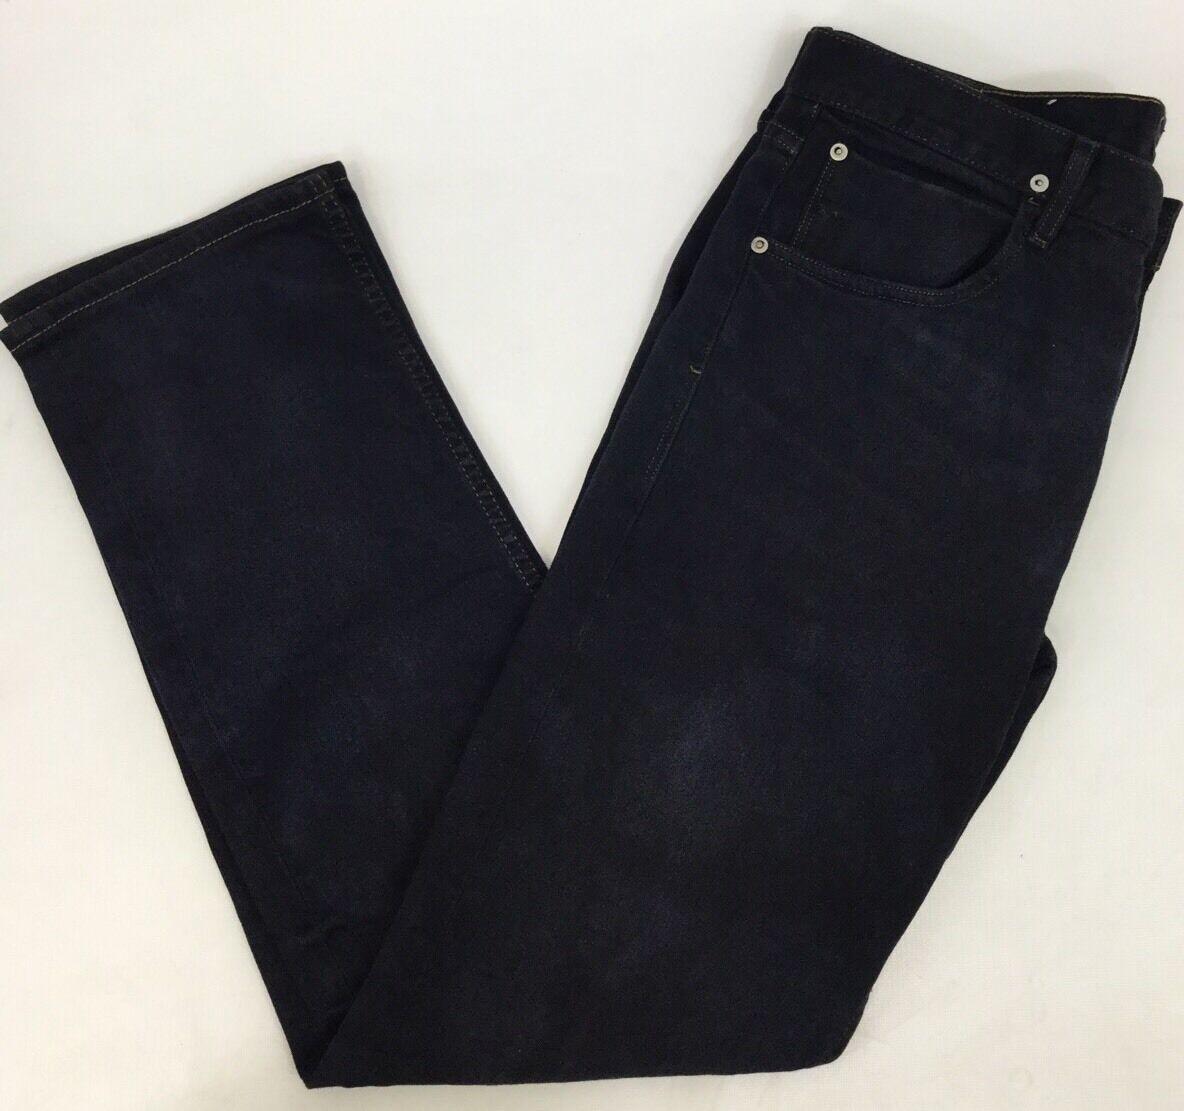 Hudson Men's Boot Cut Jeans - Size 34 -